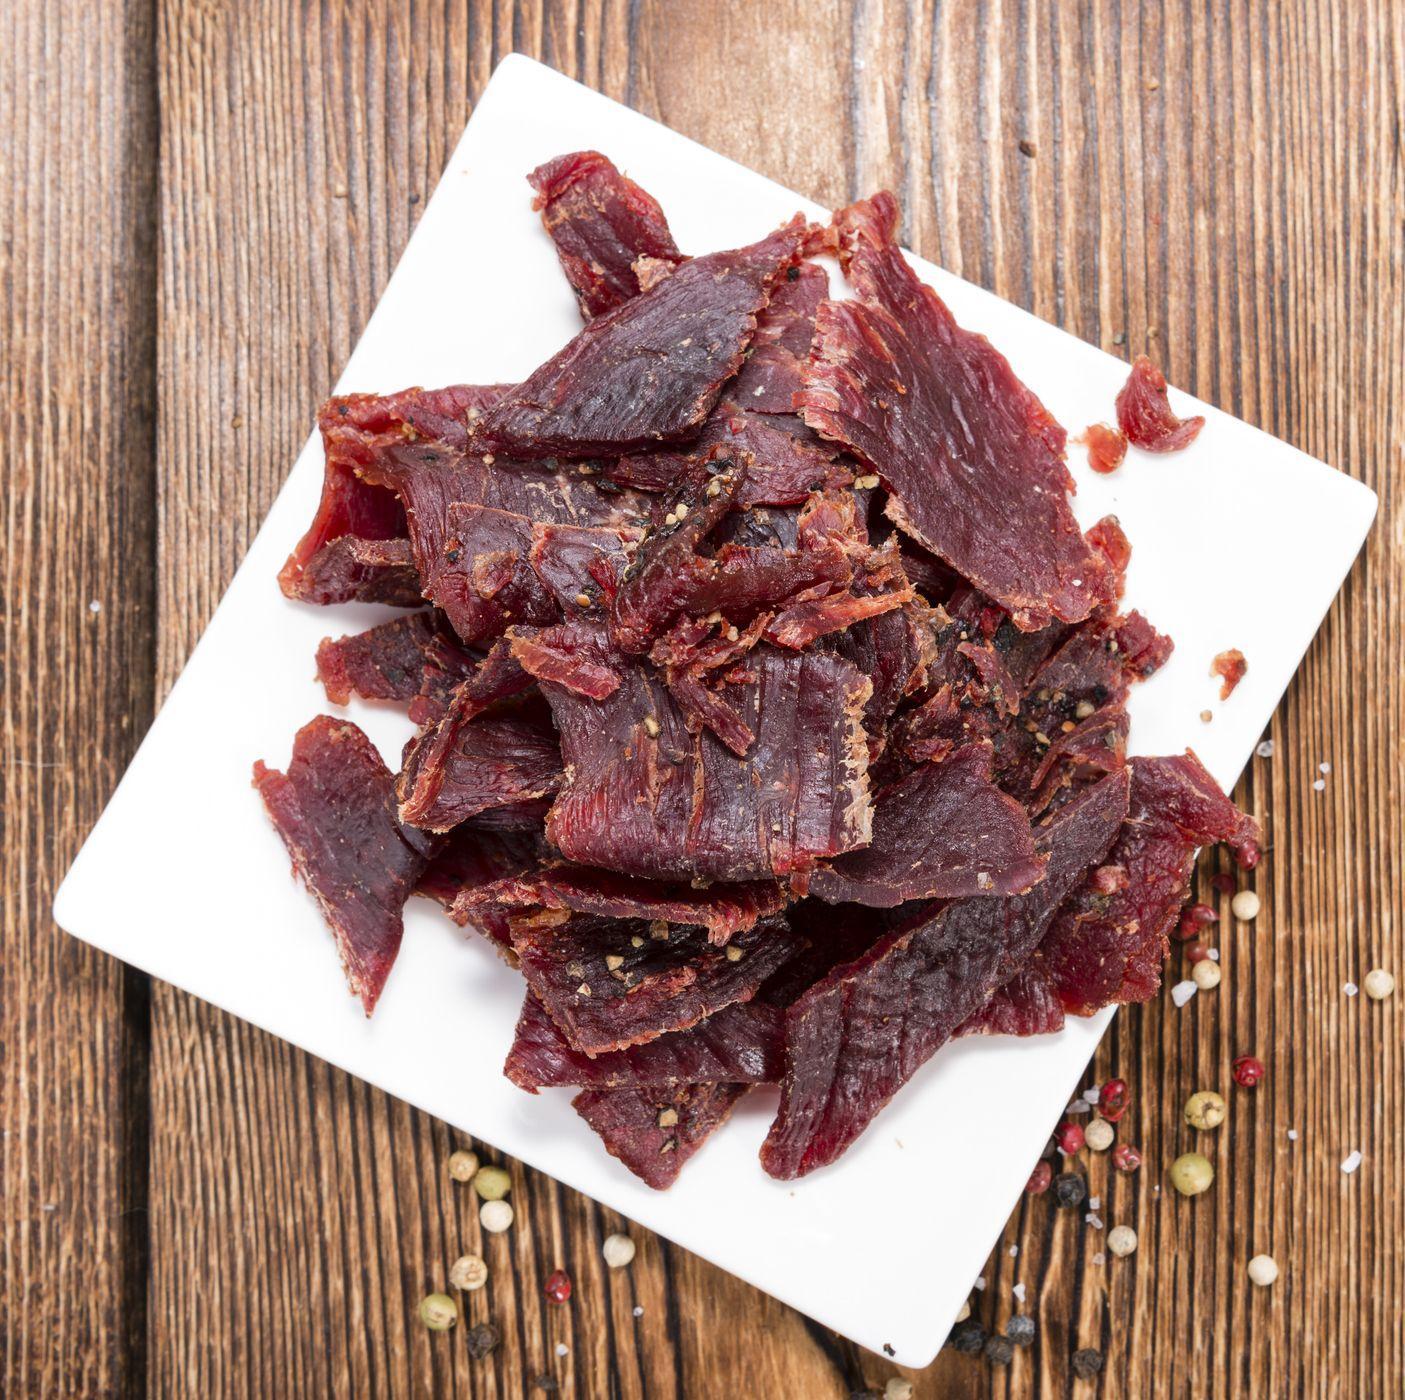 Is Beef Jerky Healthy?